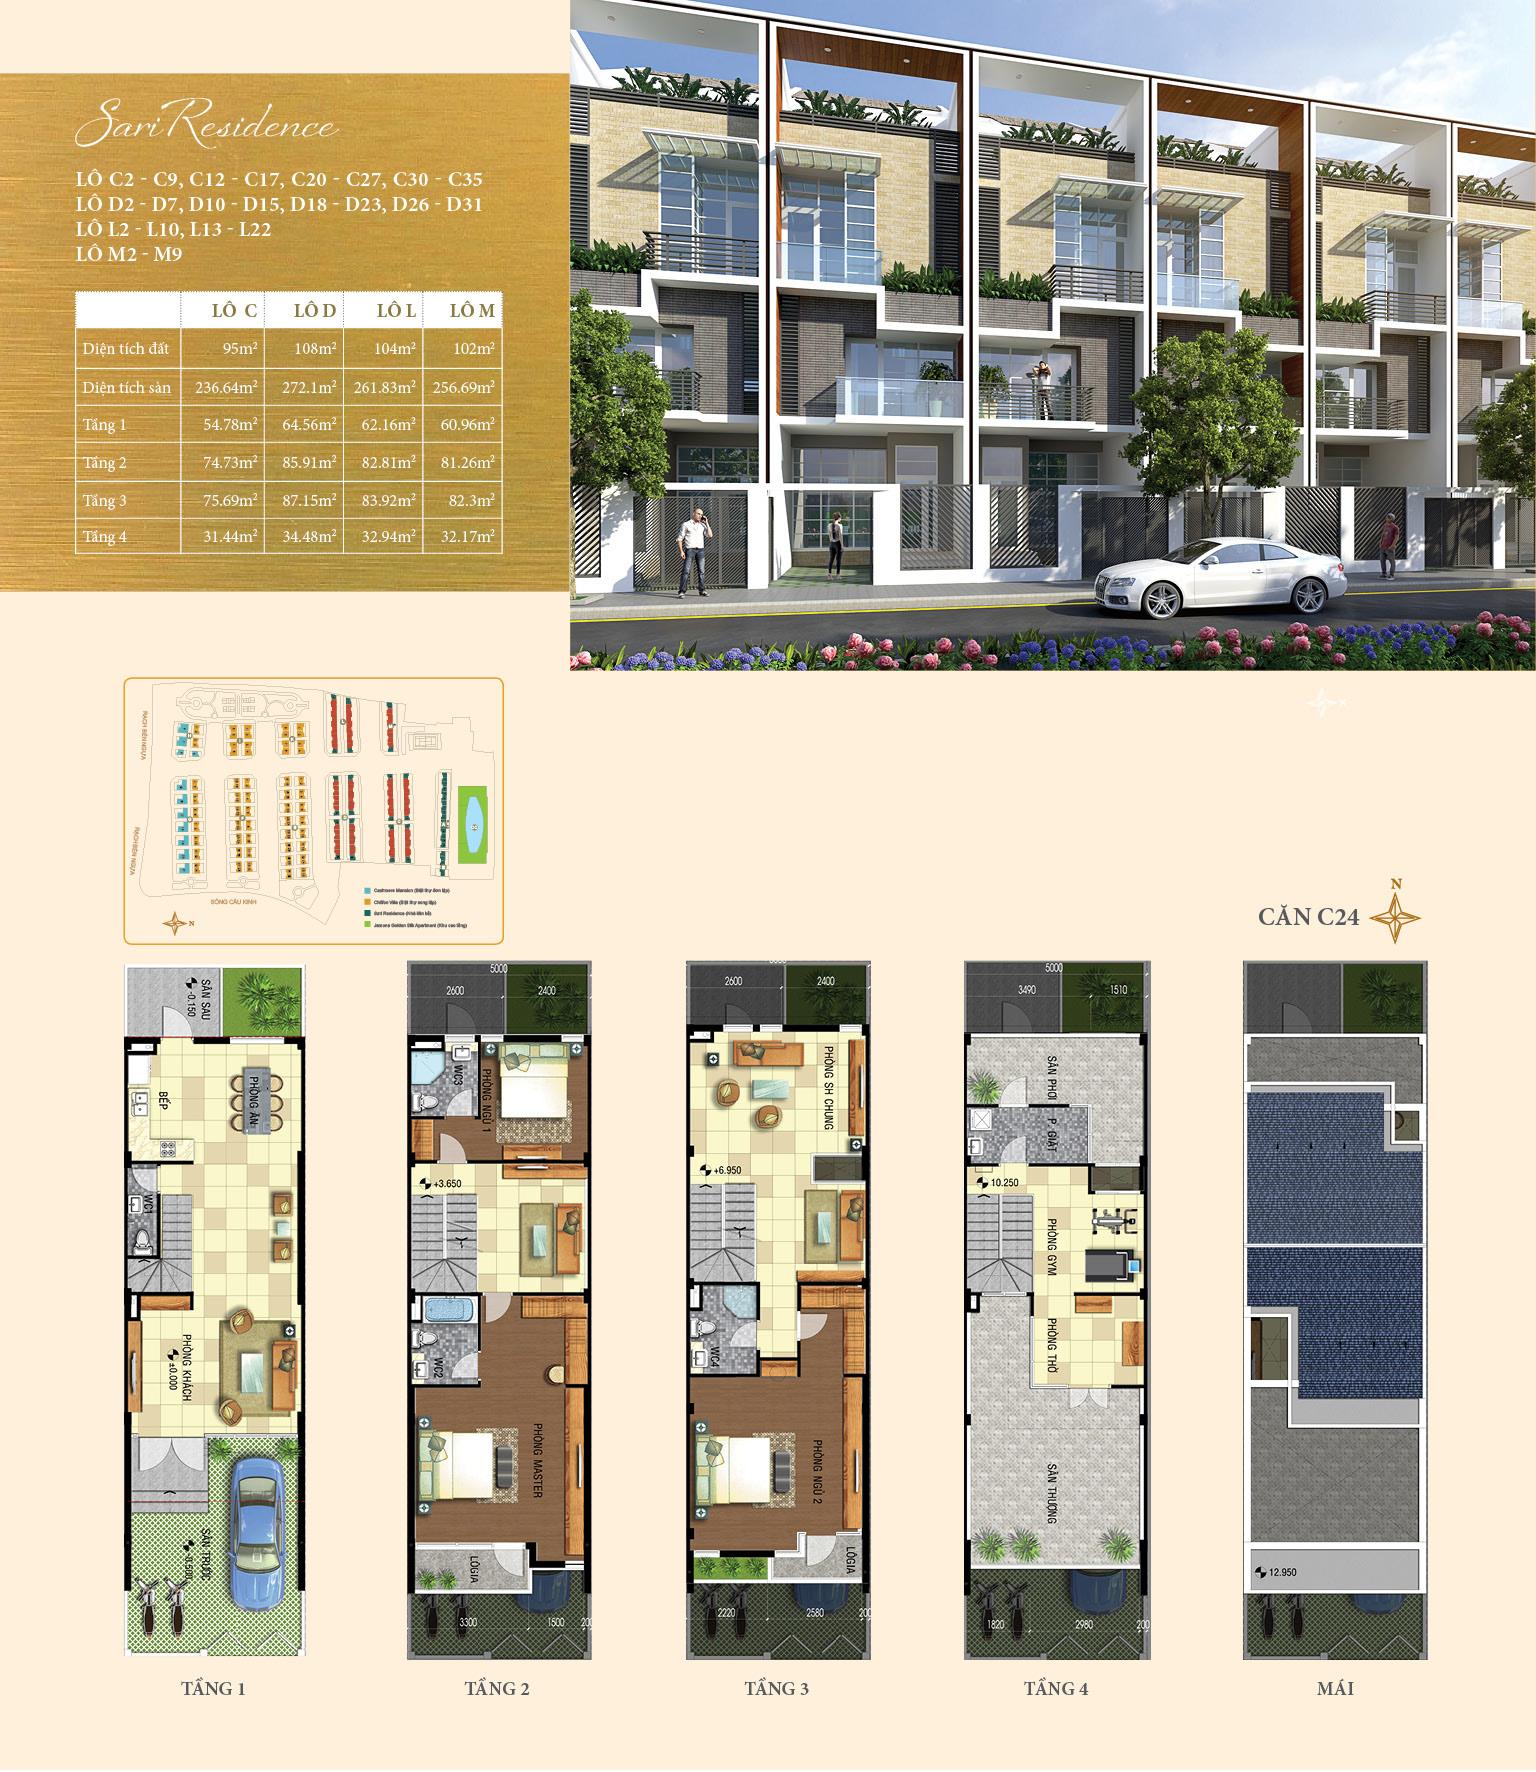 sari-residence-c24